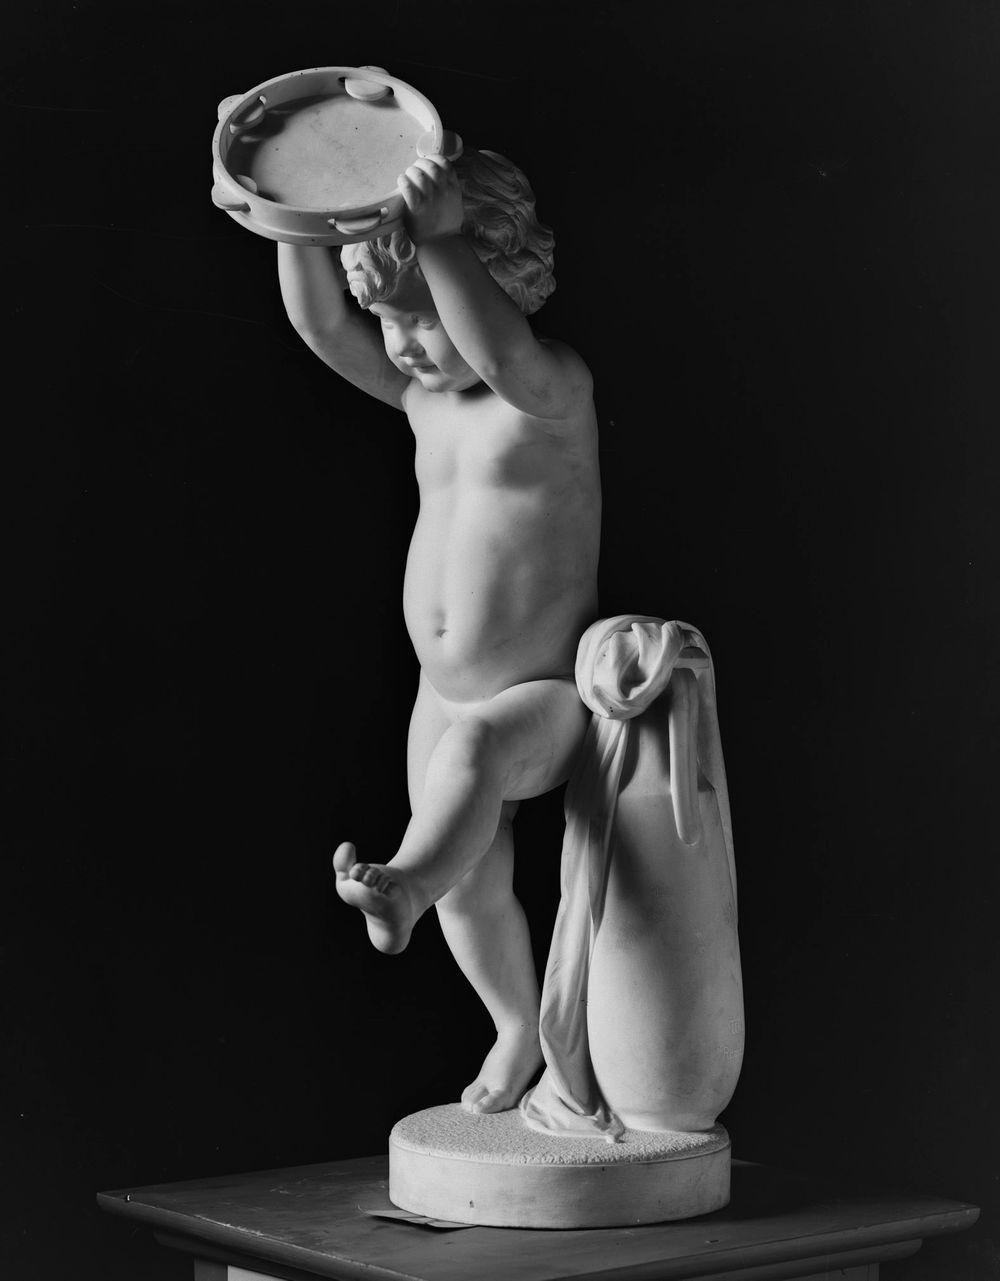 Tanssiva poika tampuriini kädessään